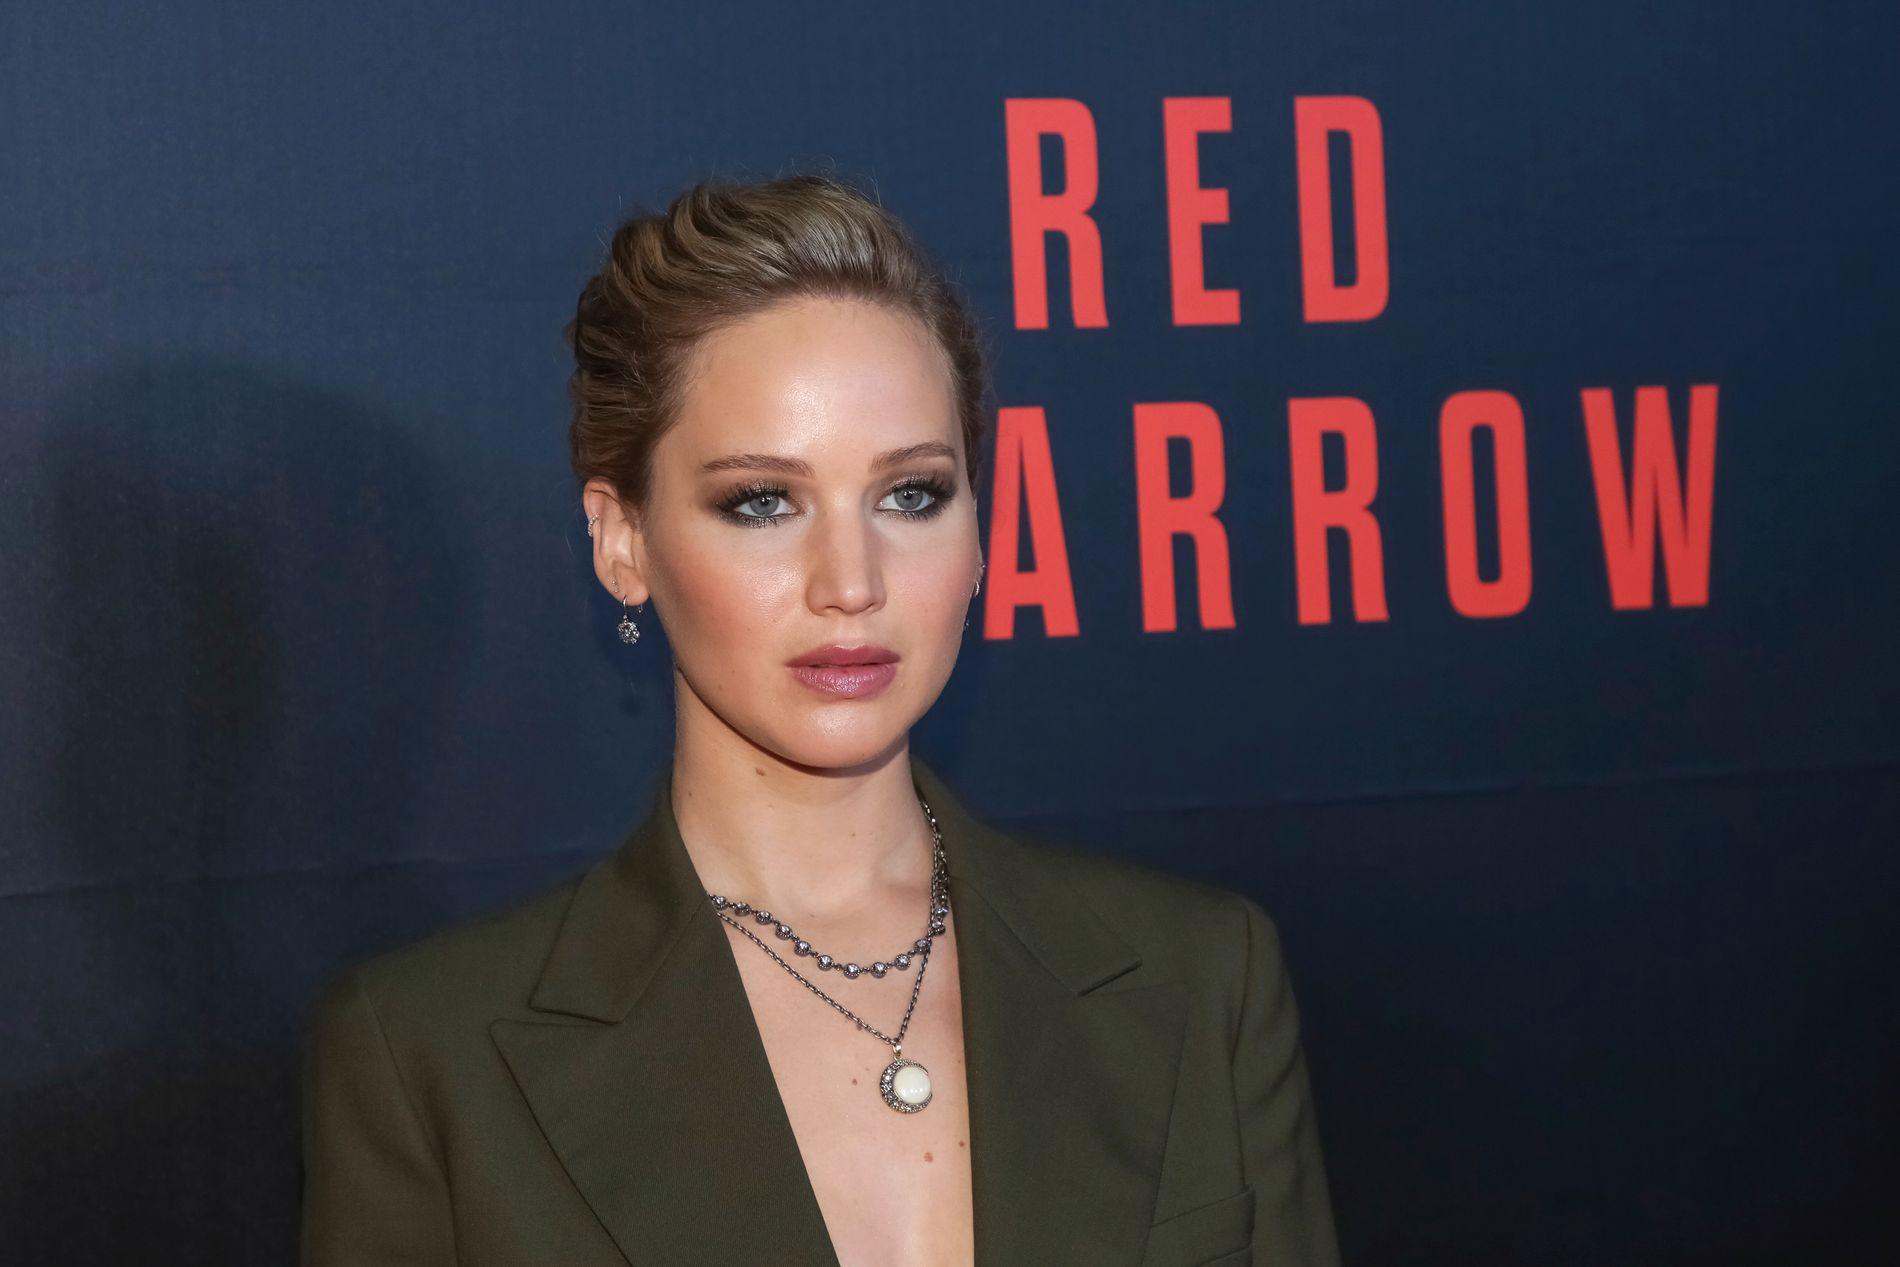 POLITIKK: Skuespiller Jennifer Lawrence ønsker å inspirere ungdom til å engasjere seg politisk.